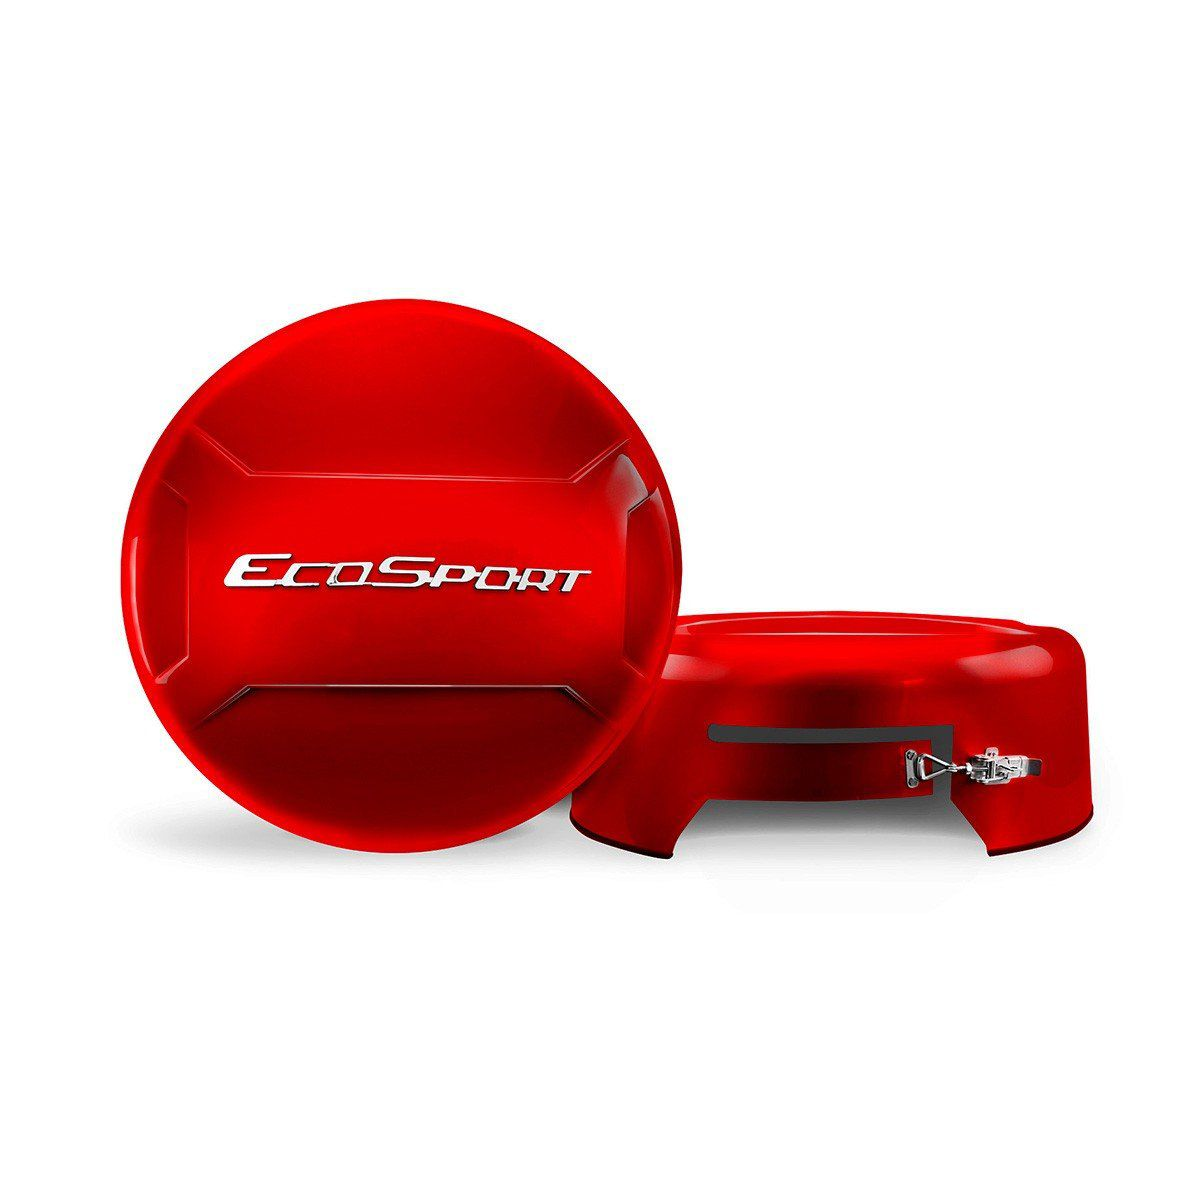 Capa de Estepe Rígida Ecosport Vermelha com Cadeado